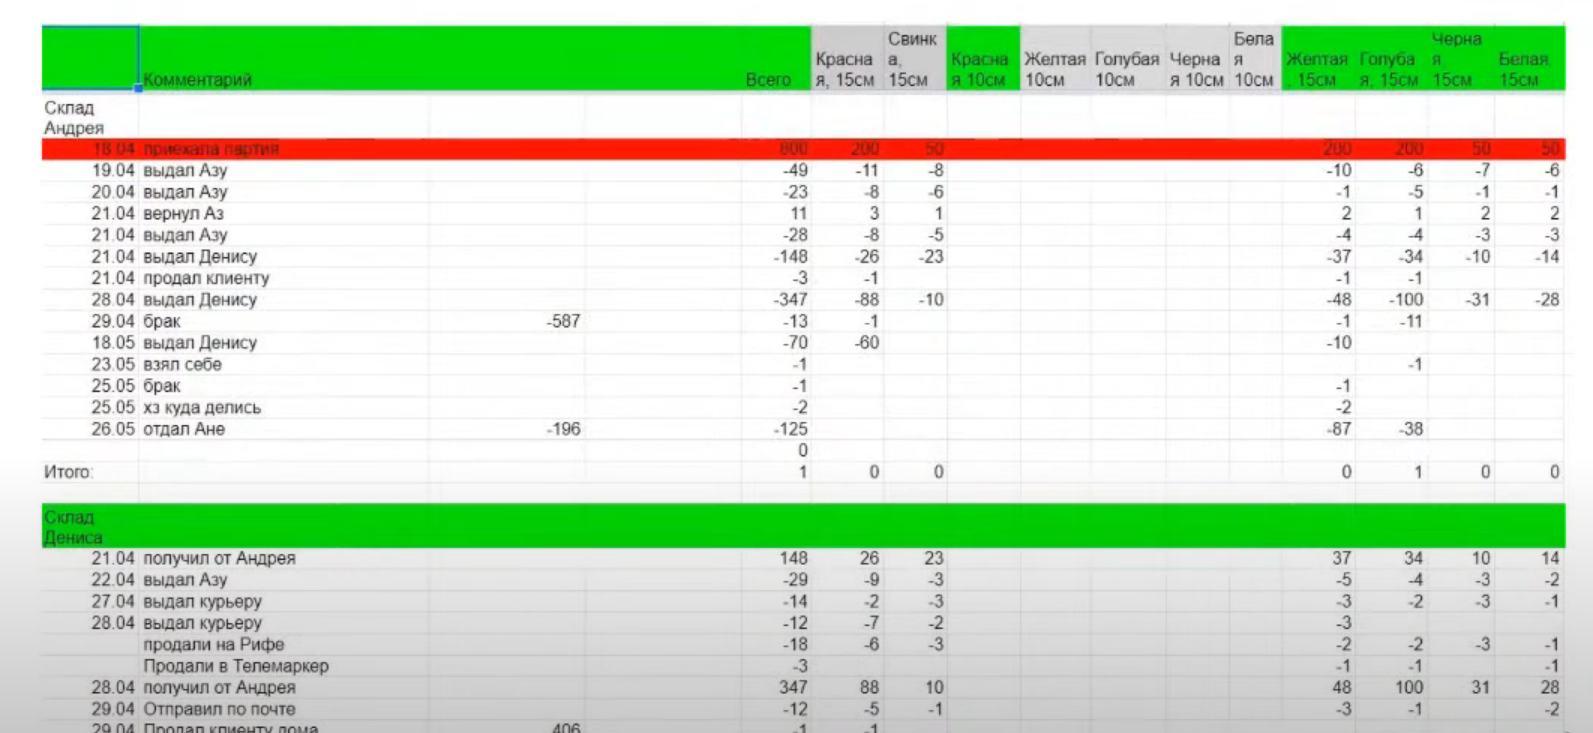 Пример ведения таблицы Excel с заказами/товарами в интернет-магазине